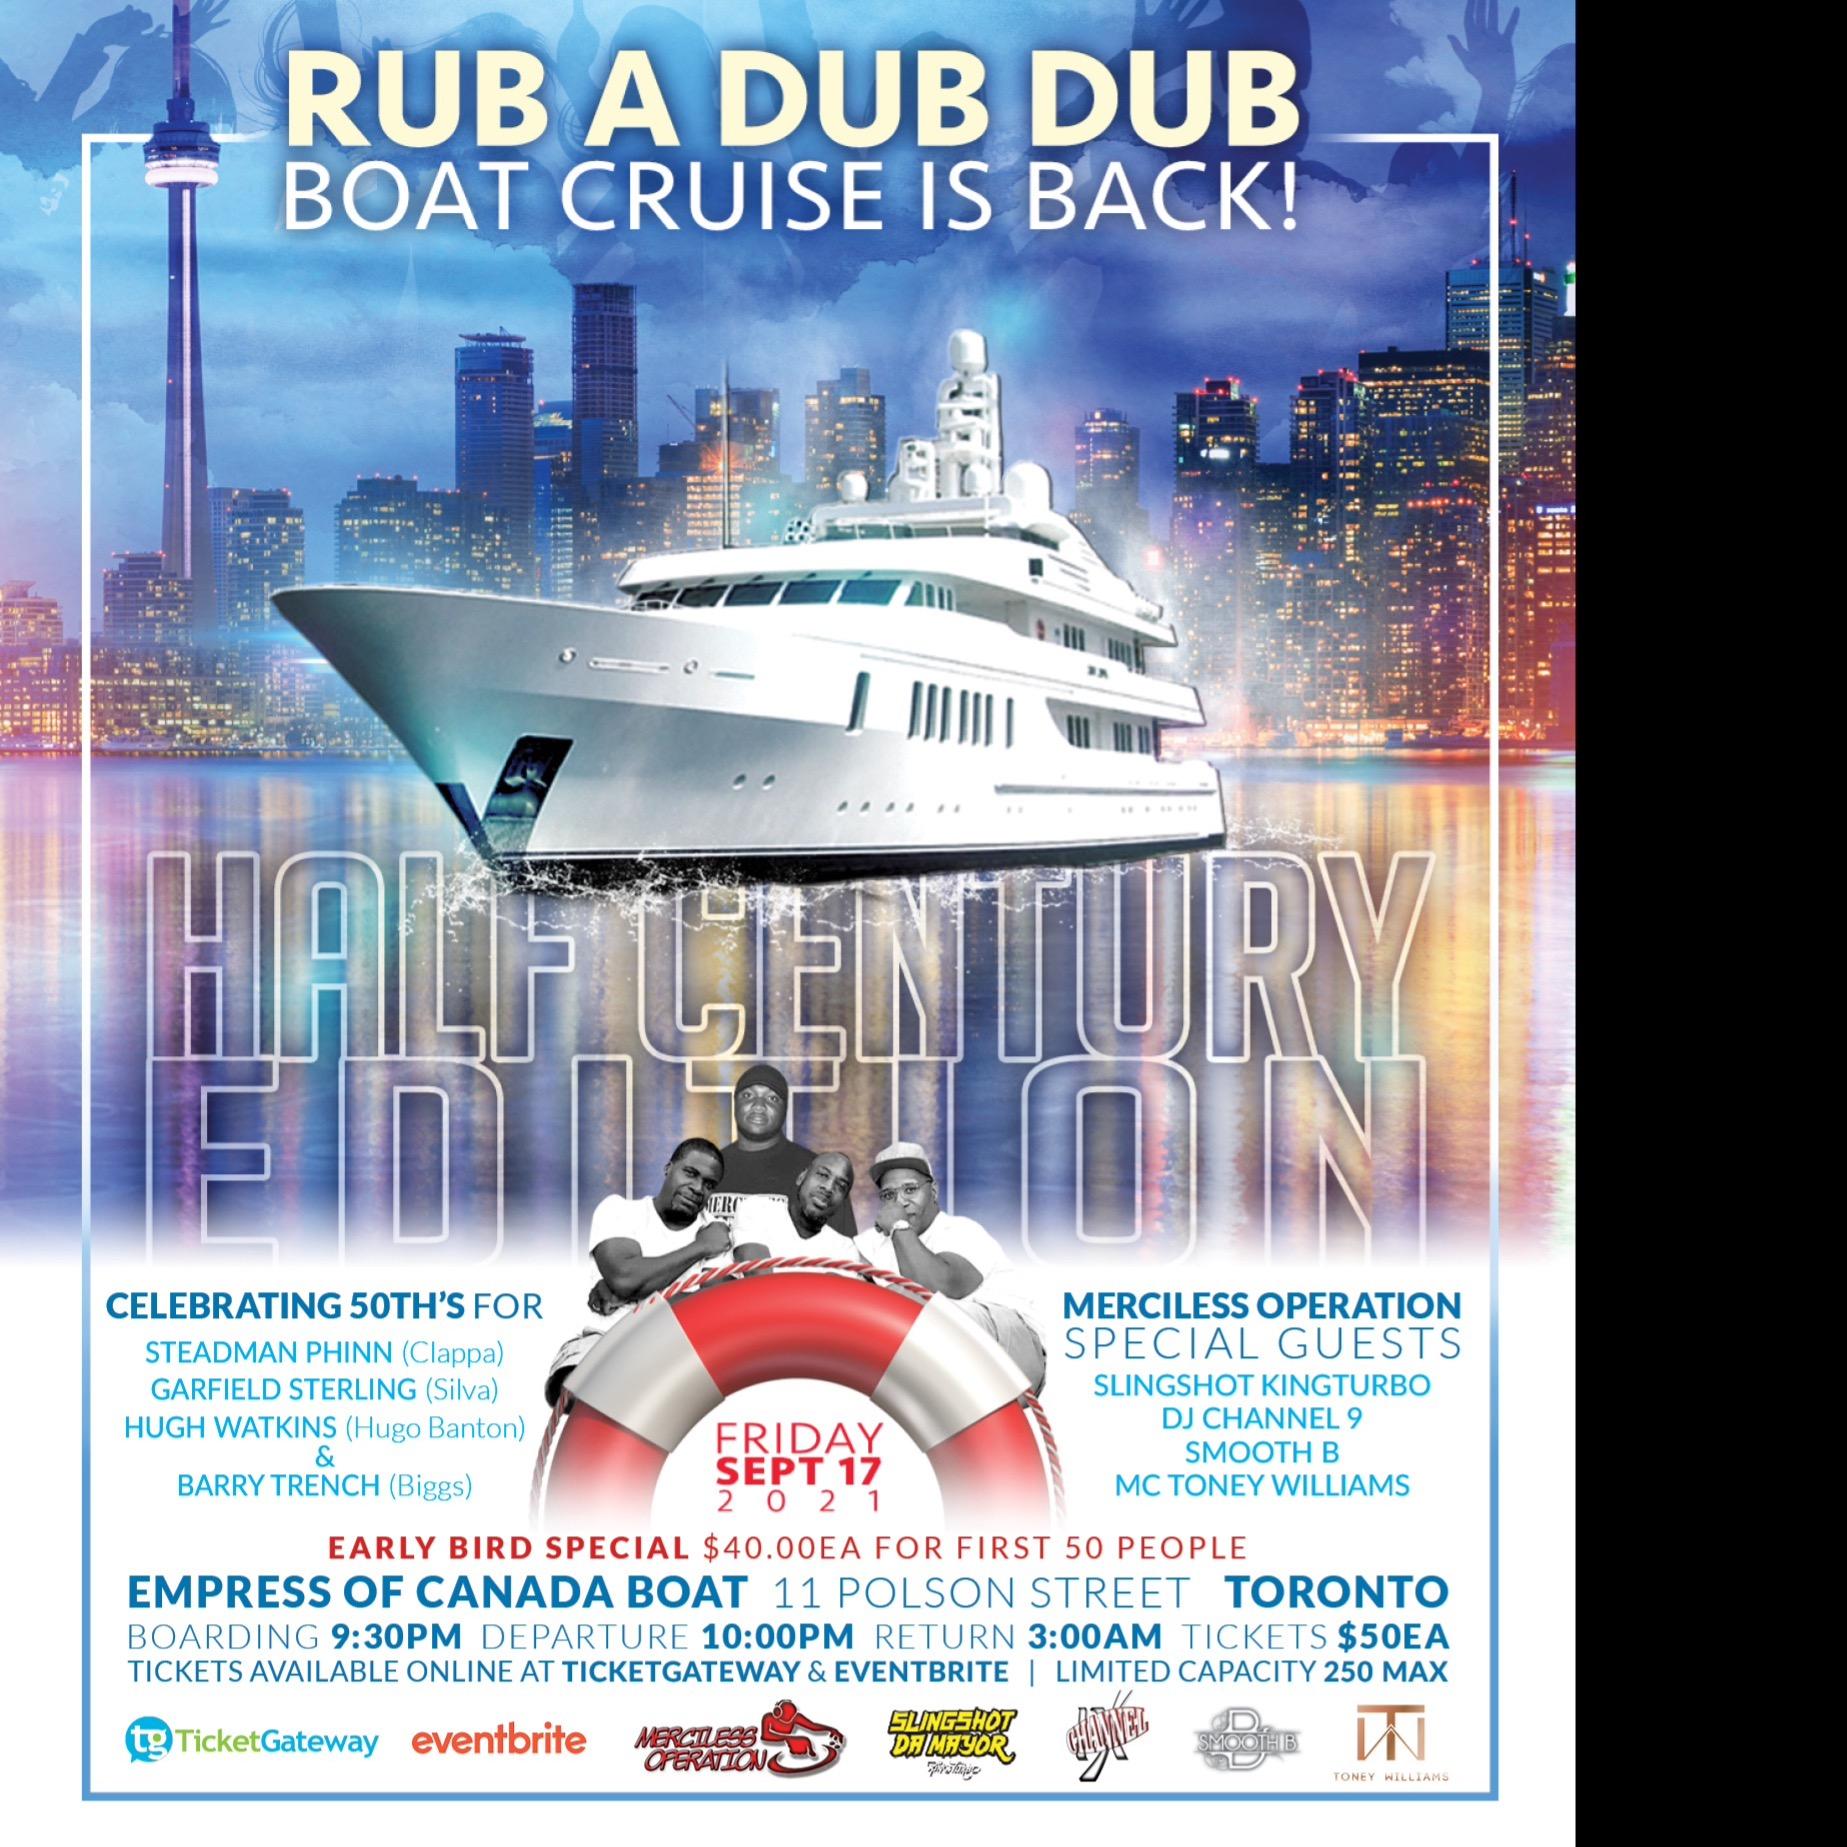 RUB A DUB DUB BOAT CRUISE - HALF CENTURY EDITION